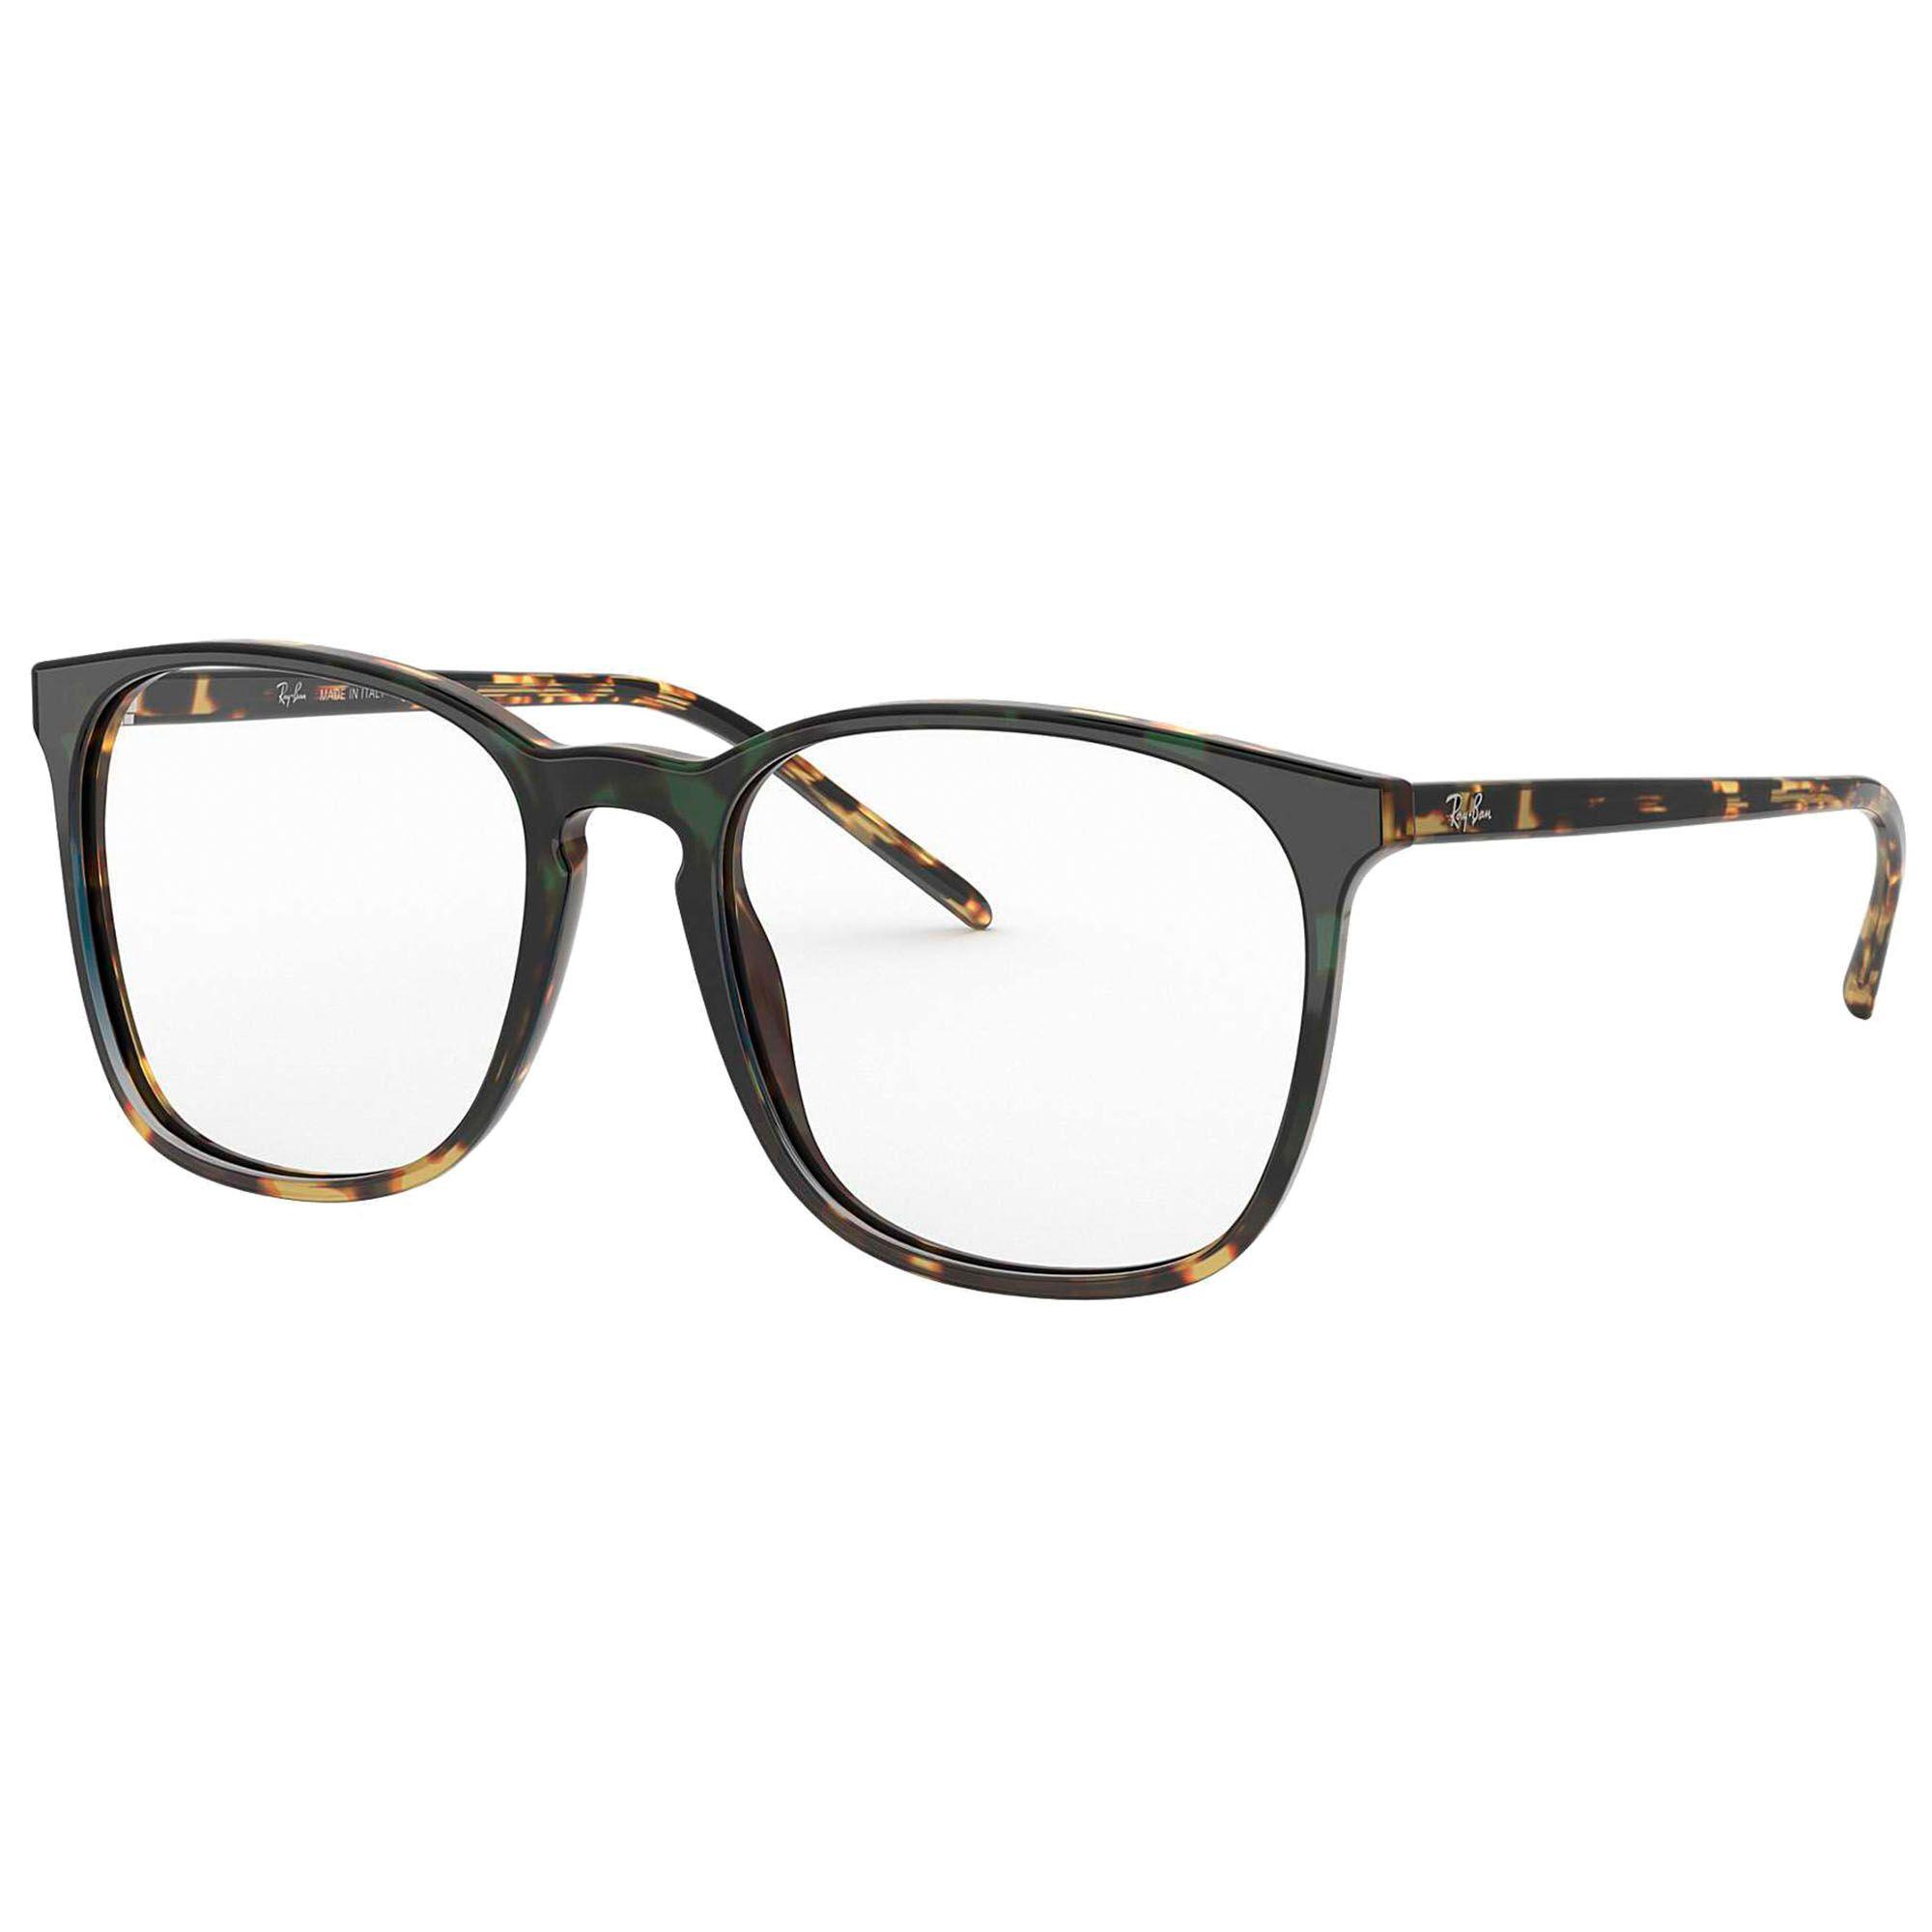 Óculos de Grau Unissex Ray-Ban RB5387 5873 52-18